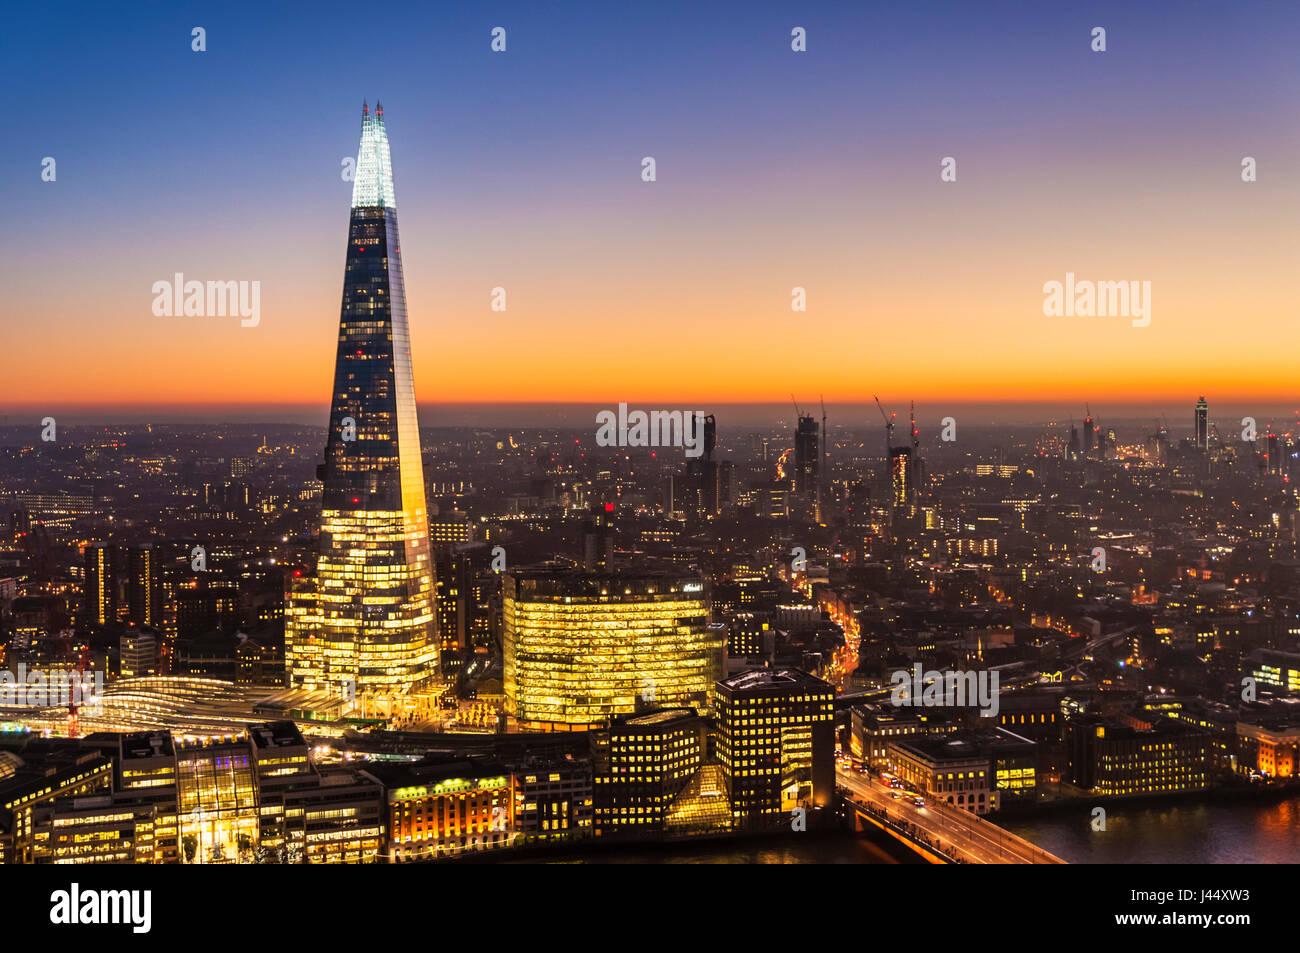 Lo skyline di Londra shard london notte La shard Londra di notte Cielo di tramonto sullo skyline di Londra notte Immagini Stock